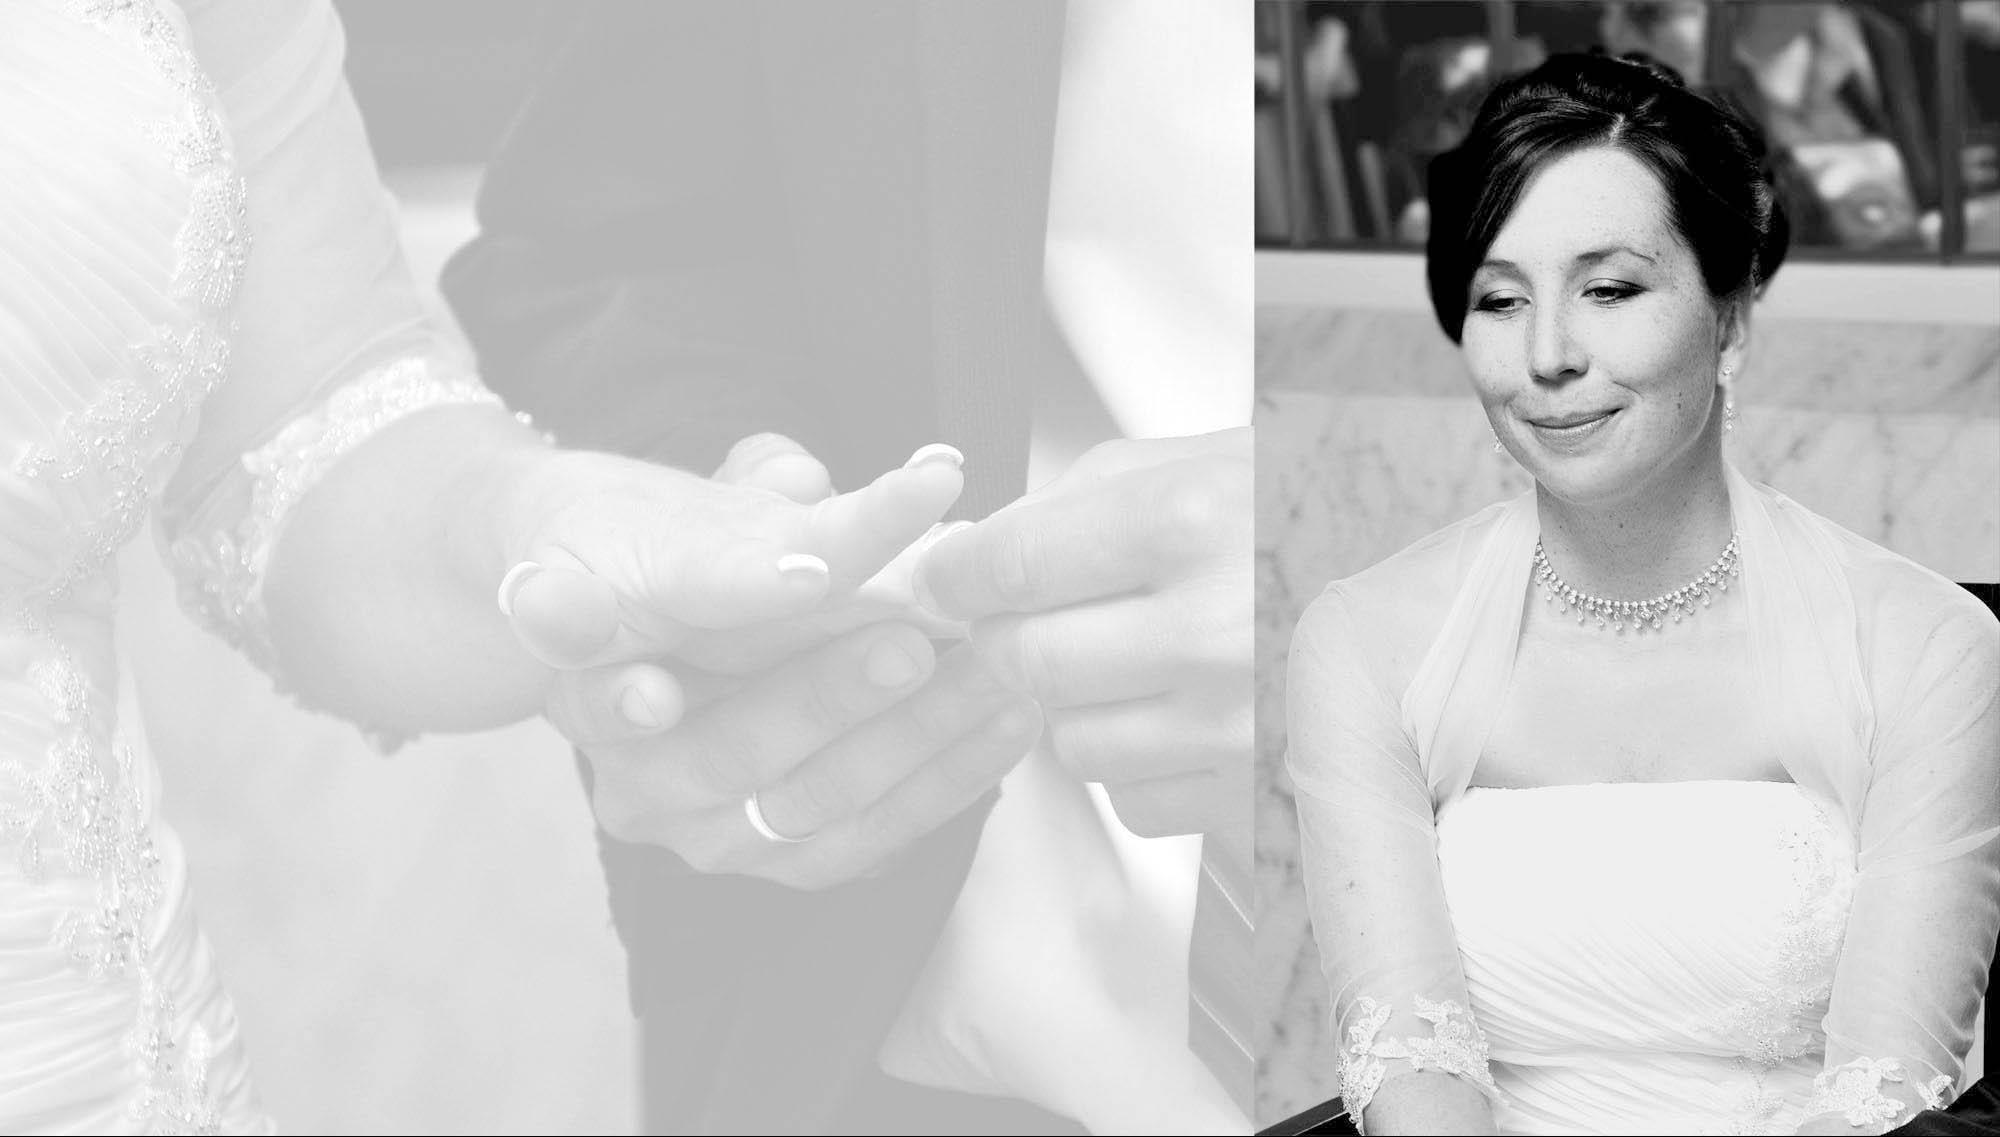 Hochzeitsfotografie - Der Ring passt